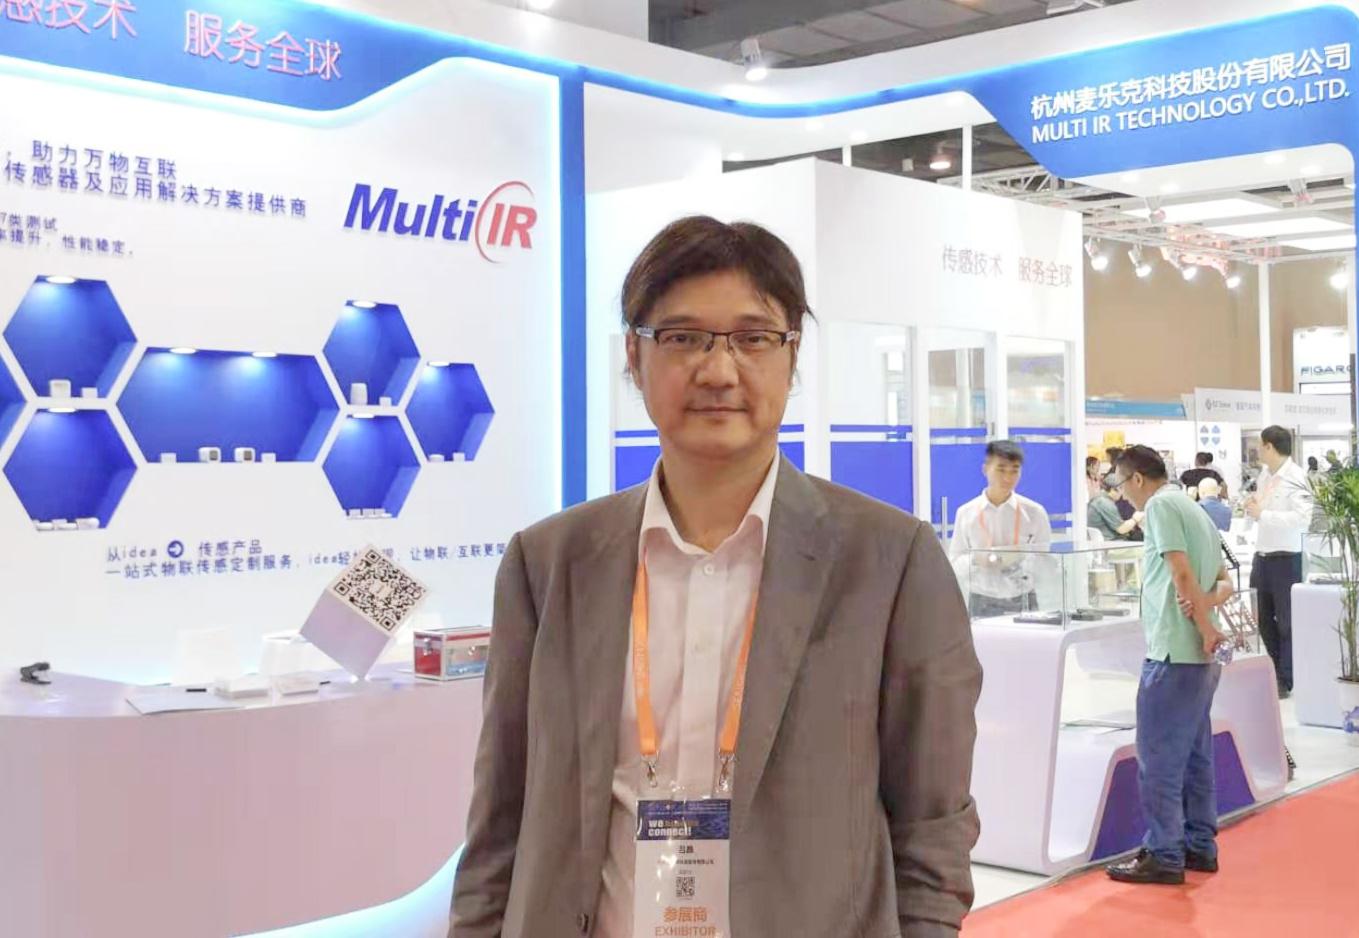 吕晶表示,麦乐克的后端产品业务发展迅猛